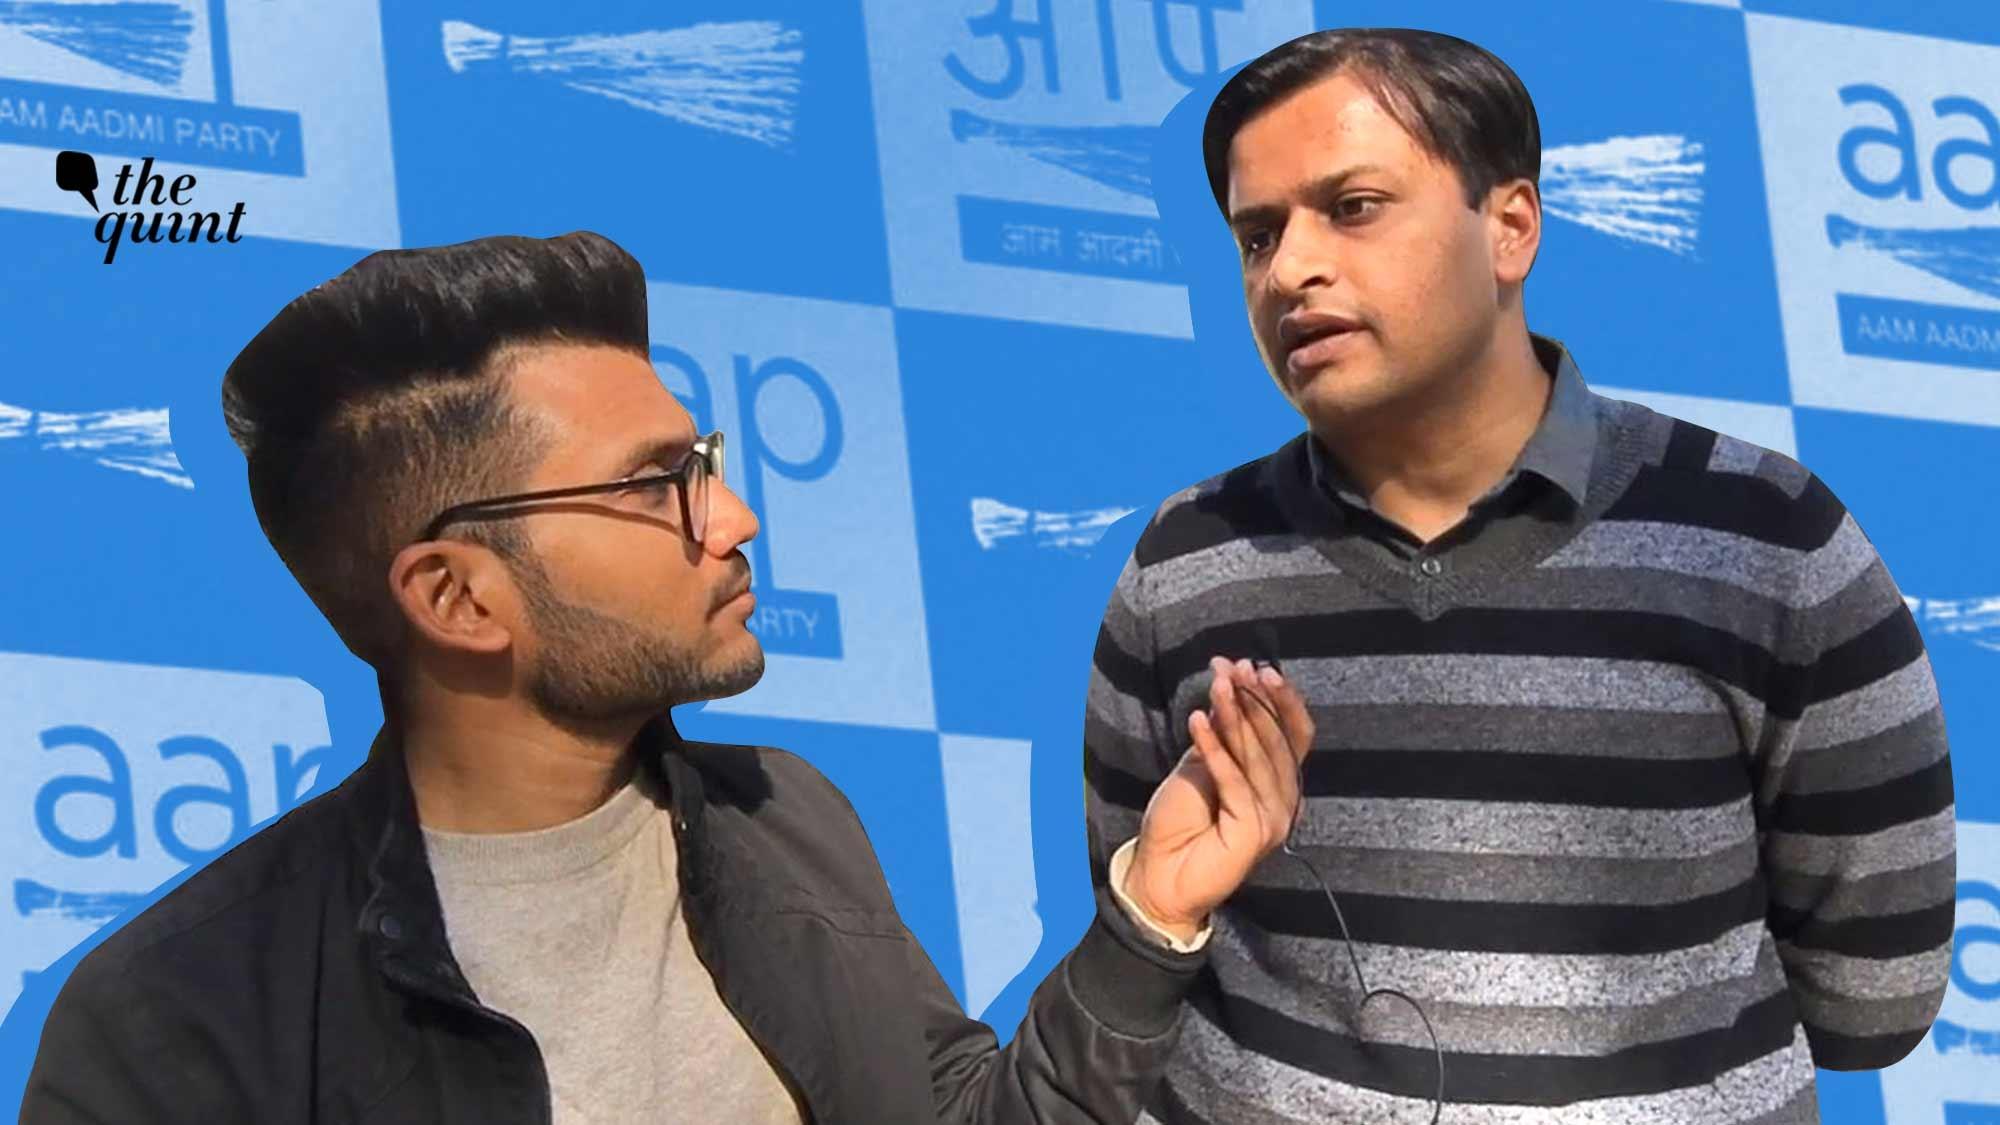 Amit Shah's Response to BJP Leaders' Hate Speech 'A Joke': AAP